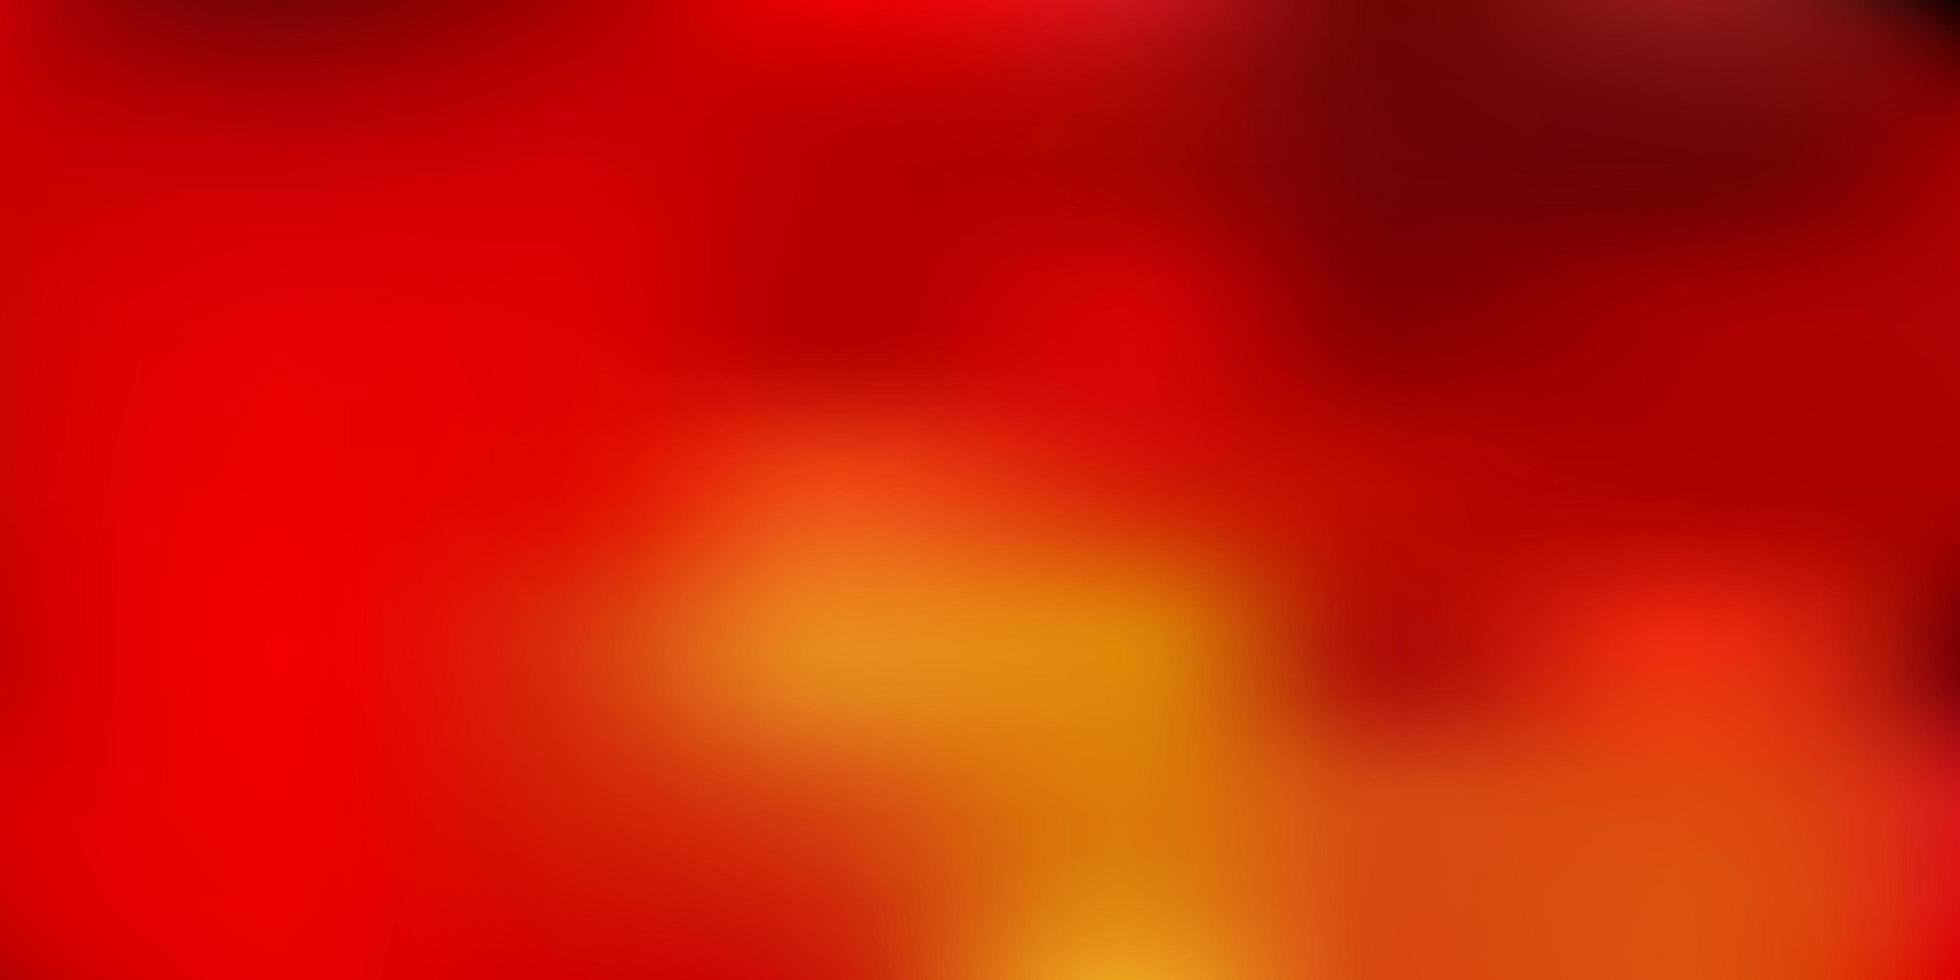 modello di sfocatura sfumata vettoriale arancione scuro.